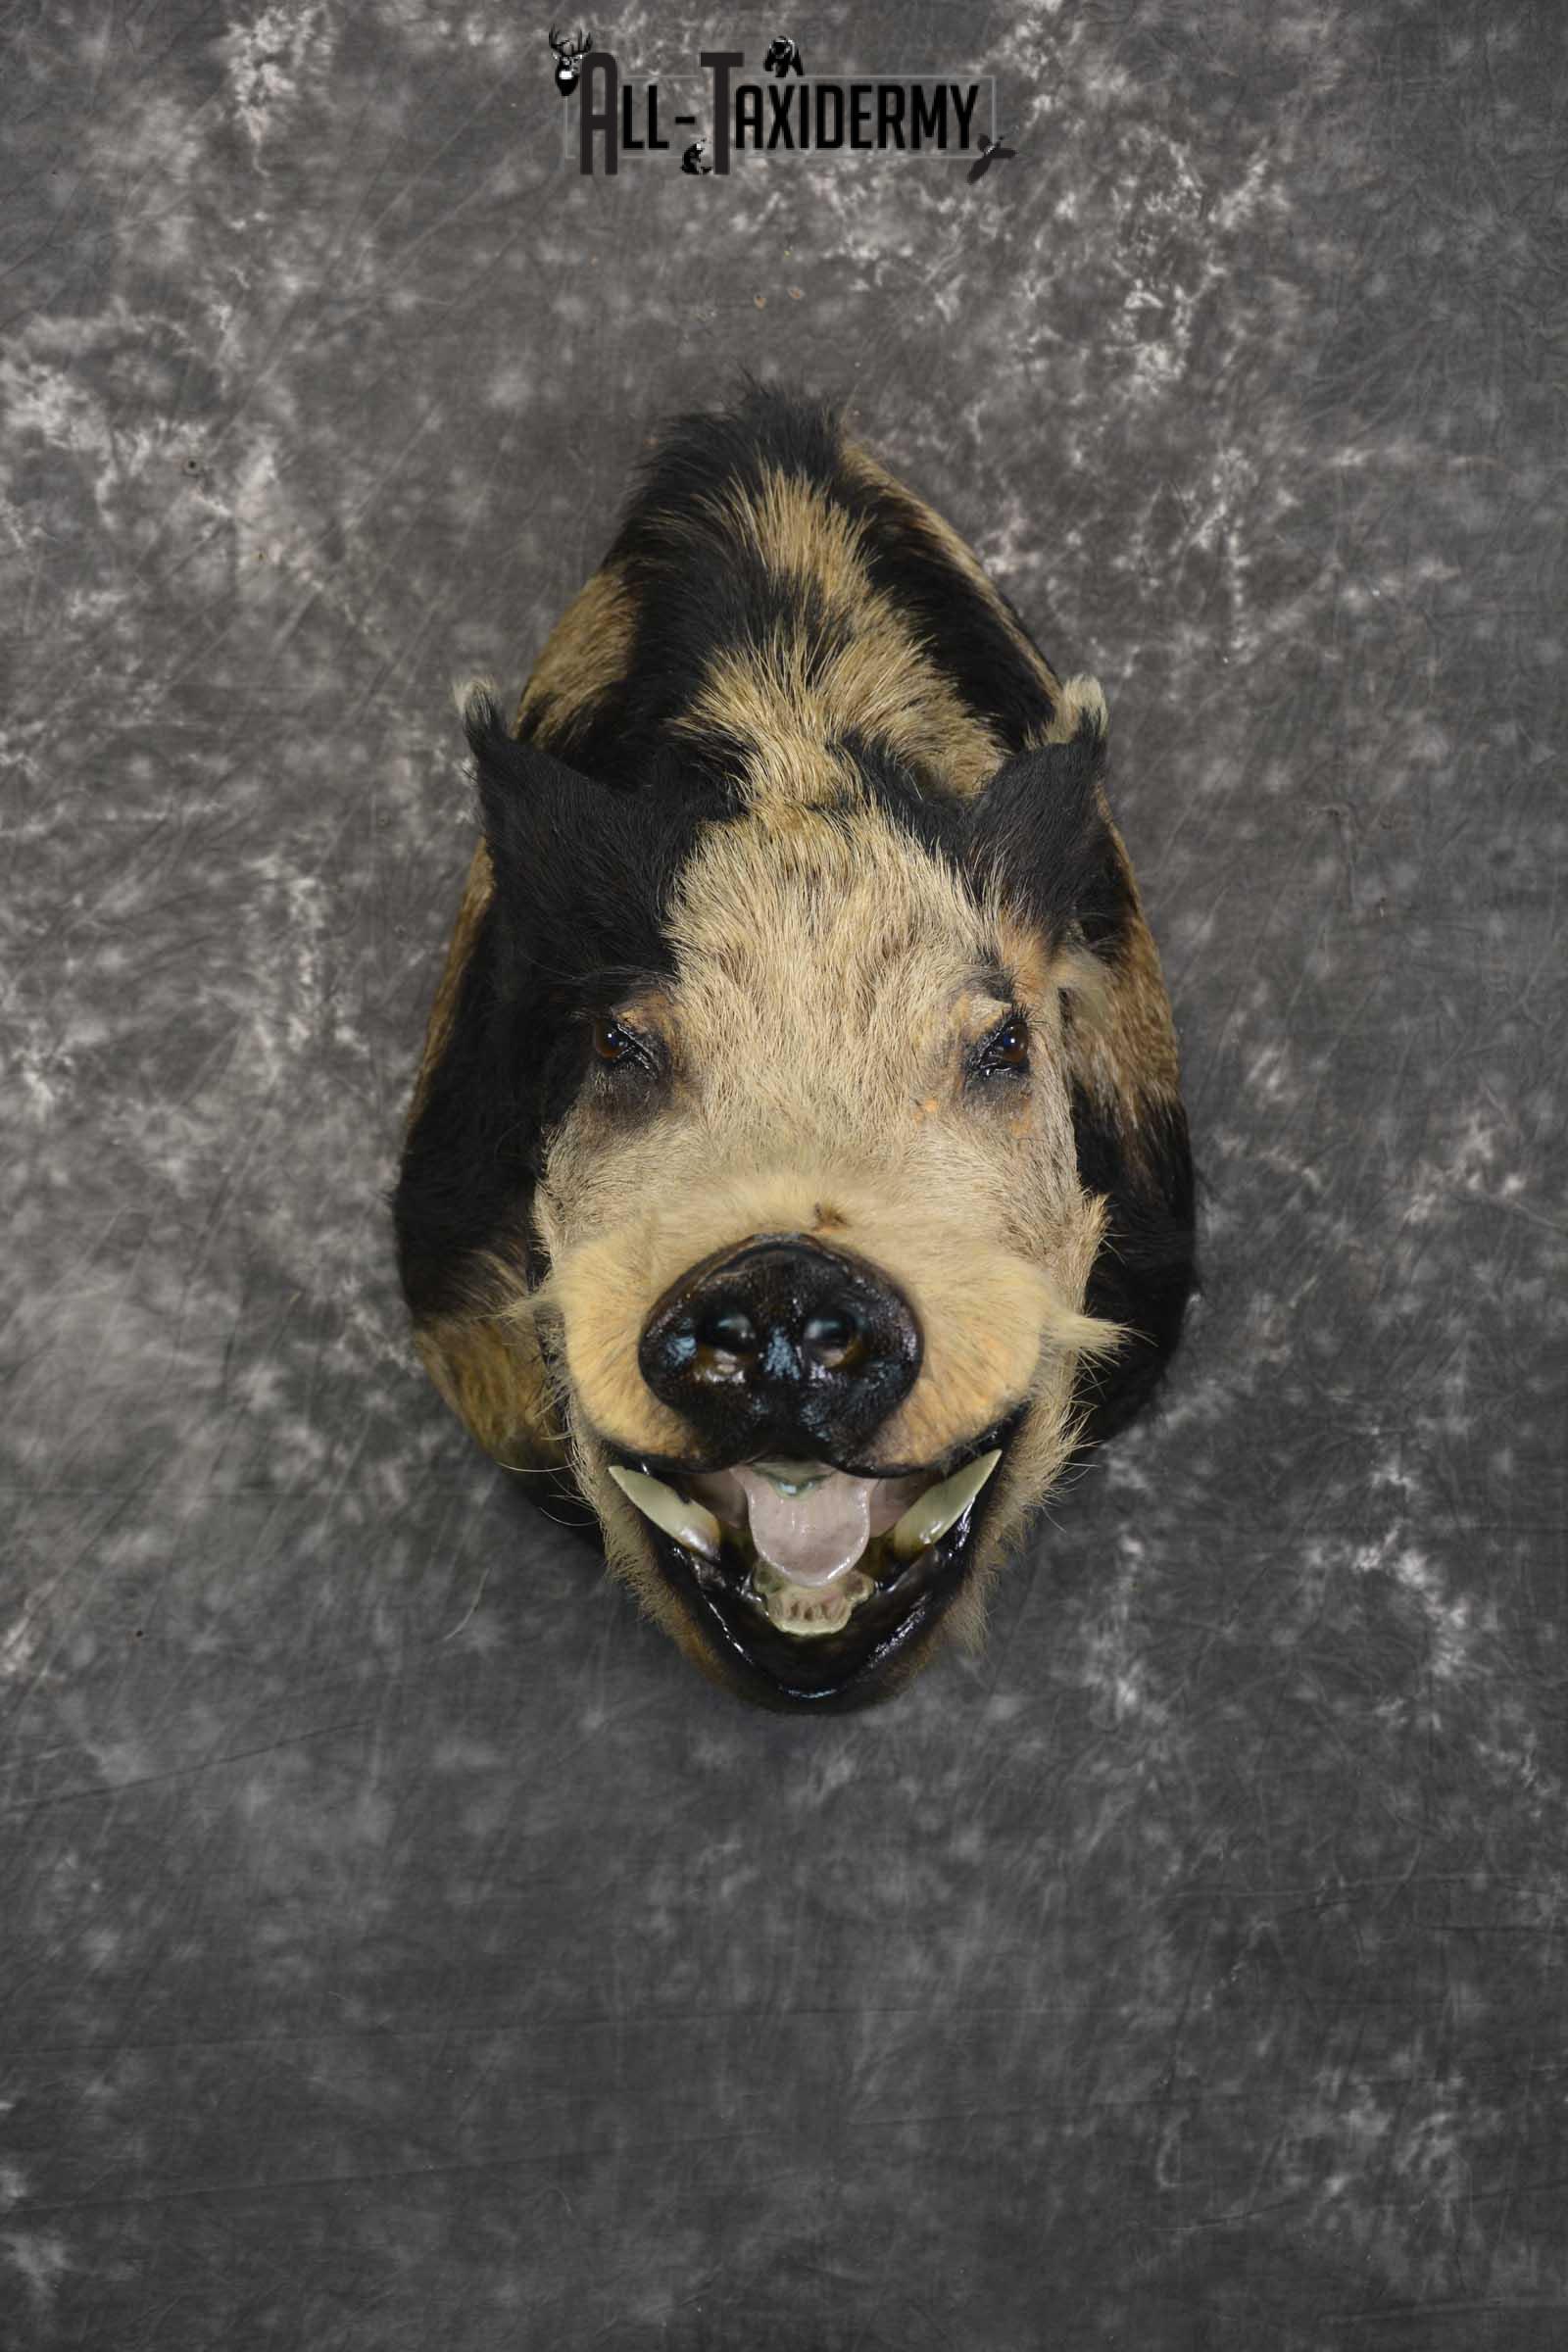 Wild Spotted Hog taxidermy shoulder mount for sale SKU 1861